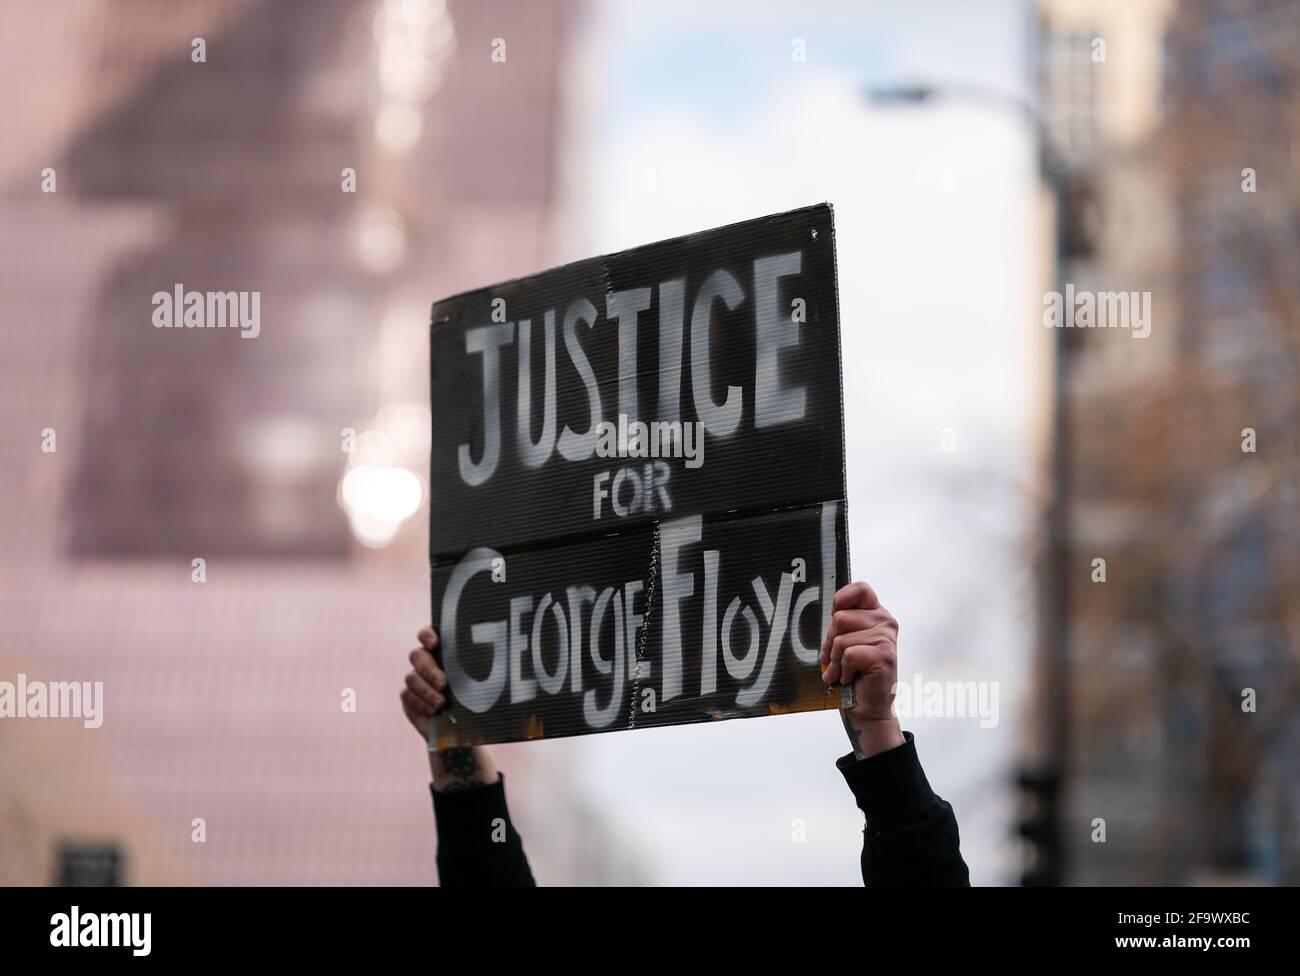 Washington, Minnesota, USA. April 2021. Ein Plexiglakt hält ein Zeichen außerhalb des Hennepin County Government Center, das auf das Gerichtsurteil reagiert, dass der ehemalige Minneapolis-Polizeibeamte Derek Chauvin in allen Anklagepunkten in Minneapolis, Minnesota, am 20. April 2021 für schuldig befunden wurde. Der ehemalige Minneapolis-Polizist Derek Chauvin wurde wegen des Todes von George Floyd wegen zwei Mordes und eines Totschlags für schuldig befunden, der Richter, der den Vorsitz über den hochkarätigen Prozess hatte, kündigte am Dienstag an und las das Urteil der Jury. Quelle: Ben Brewer/Xinhua/Alamy Live News Stockfoto